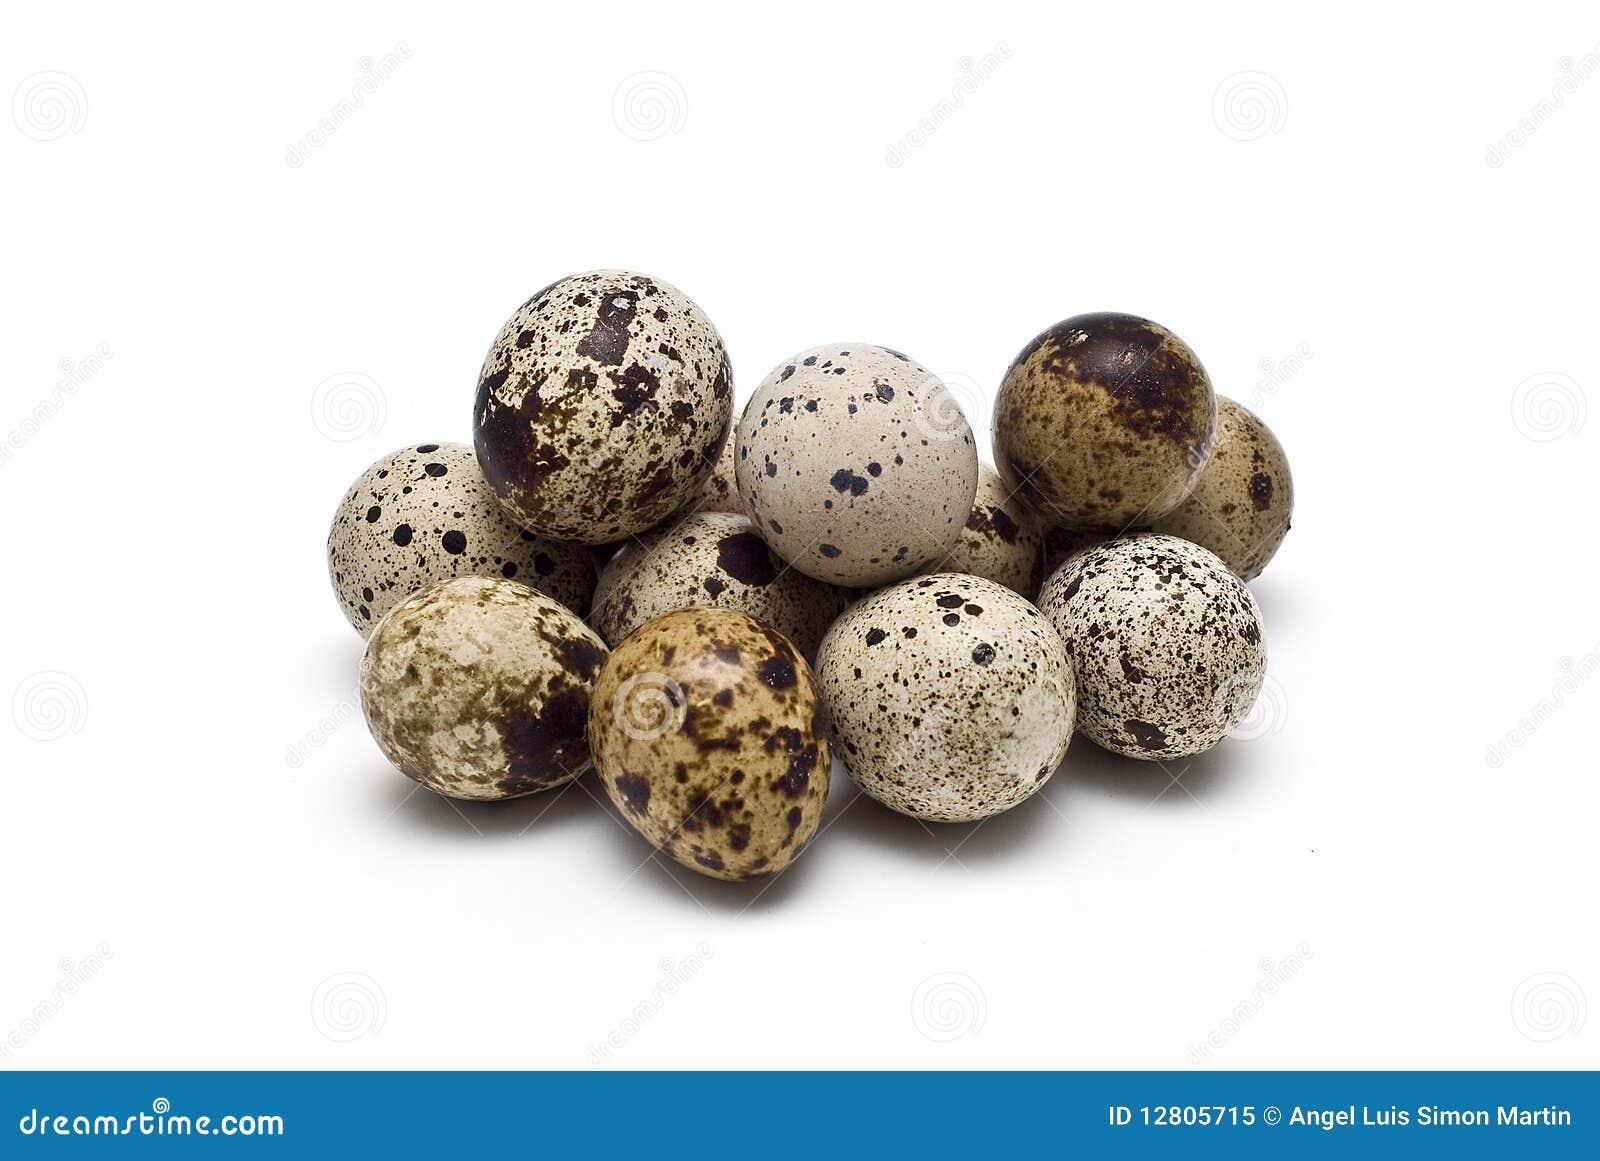 Muitos ovos frescos das codorniz.